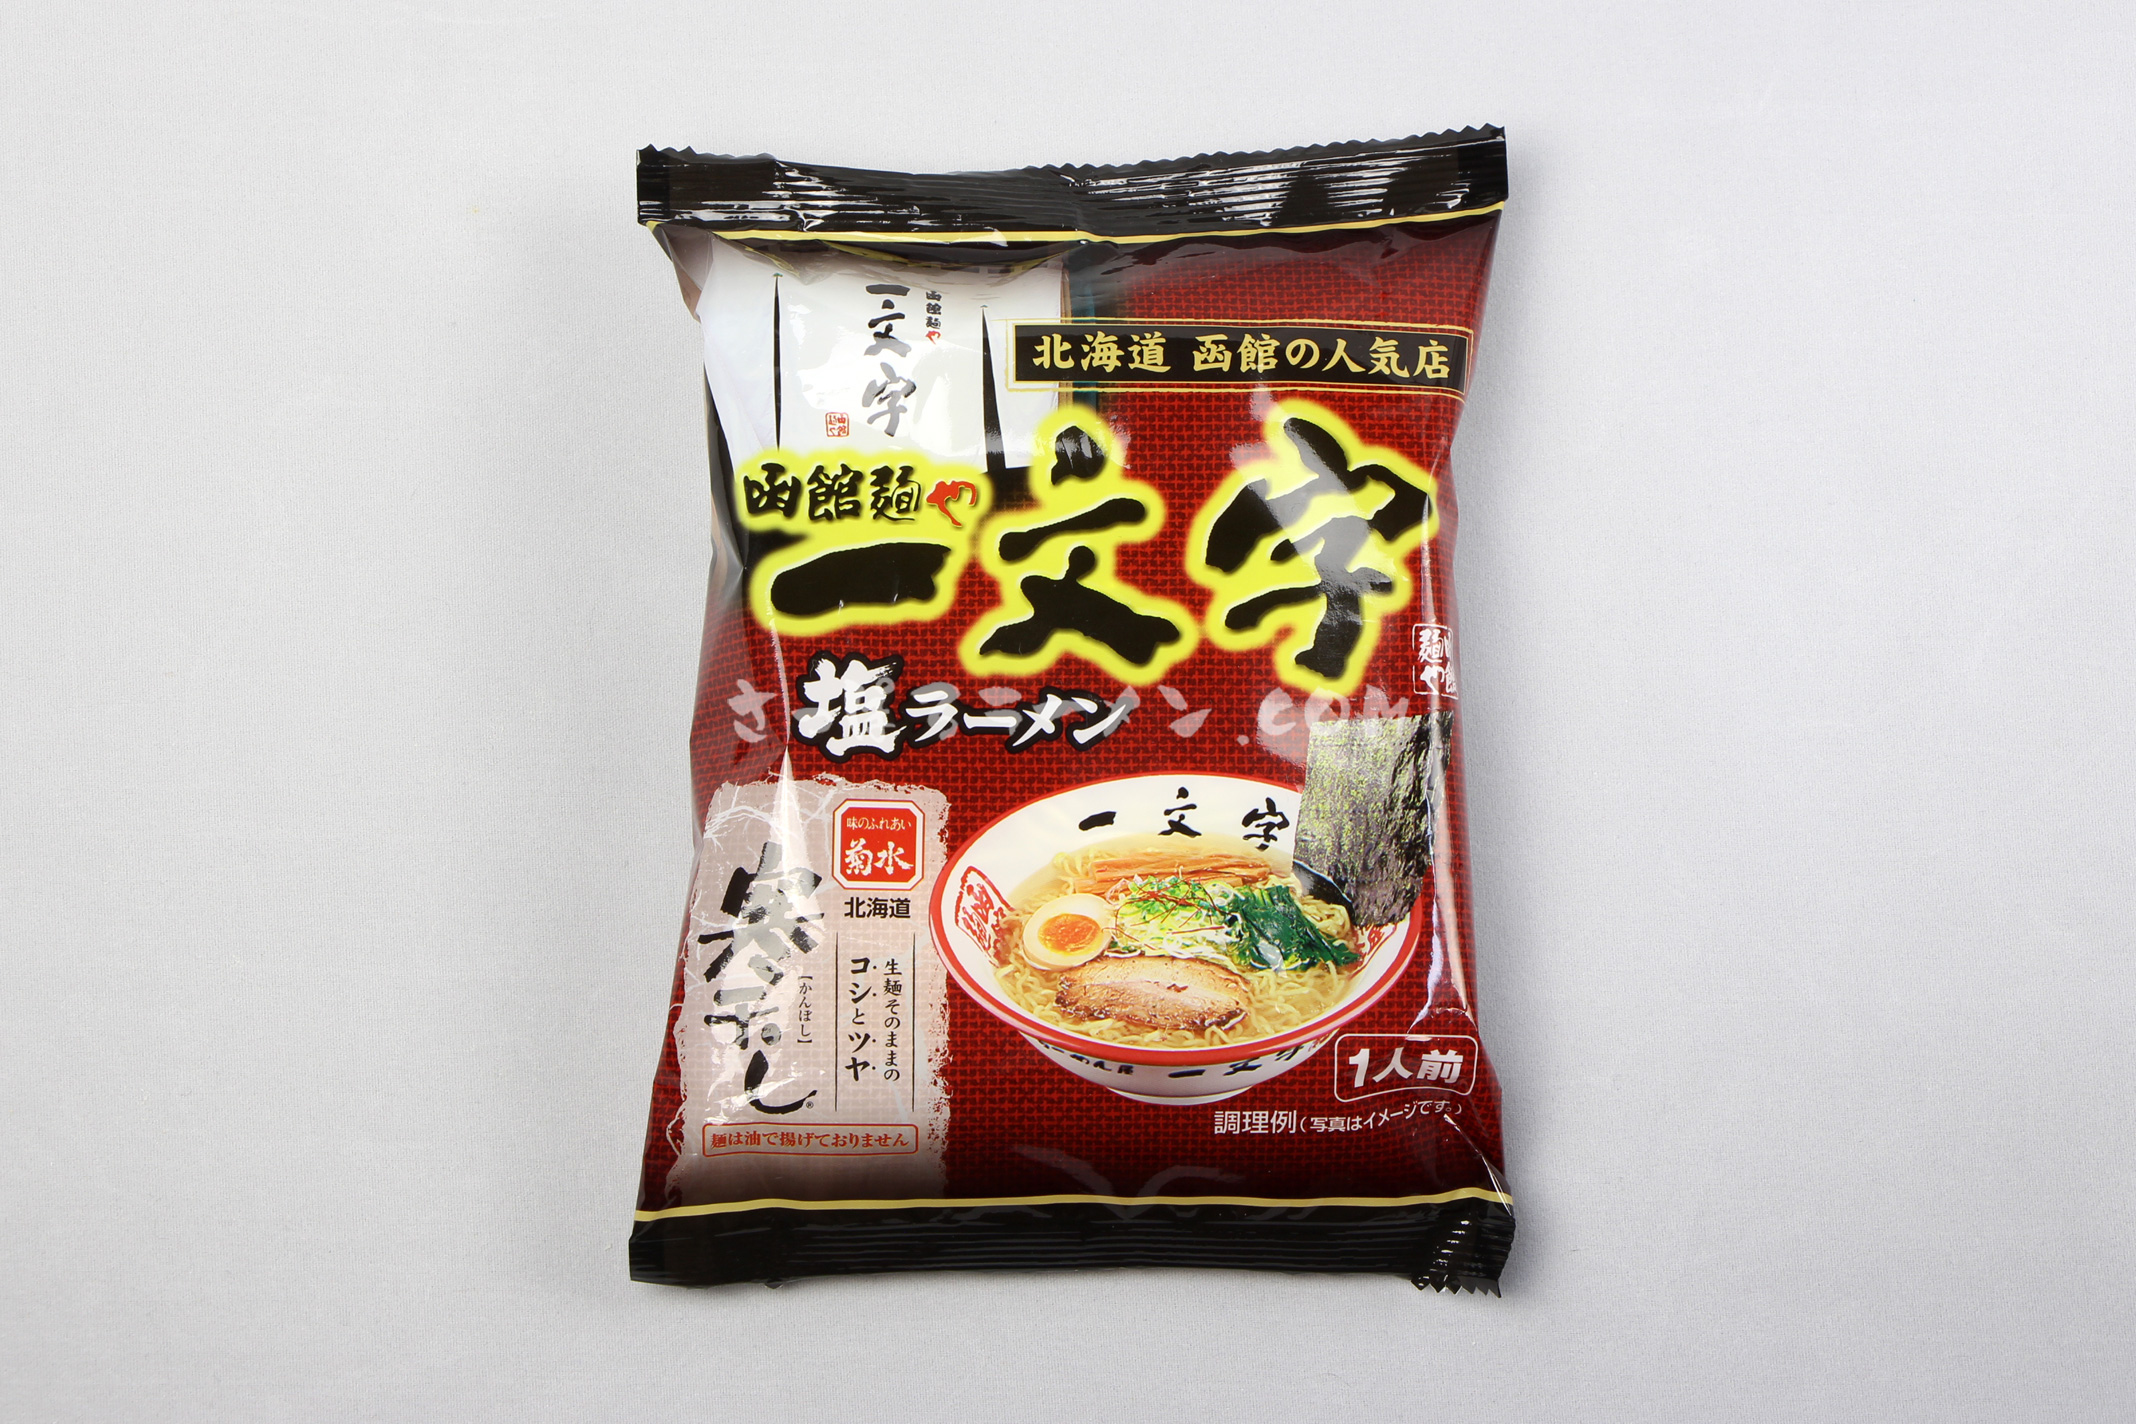 「函館麺や 一文字 塩ラーメン」(菊水)のパッケージ(表)